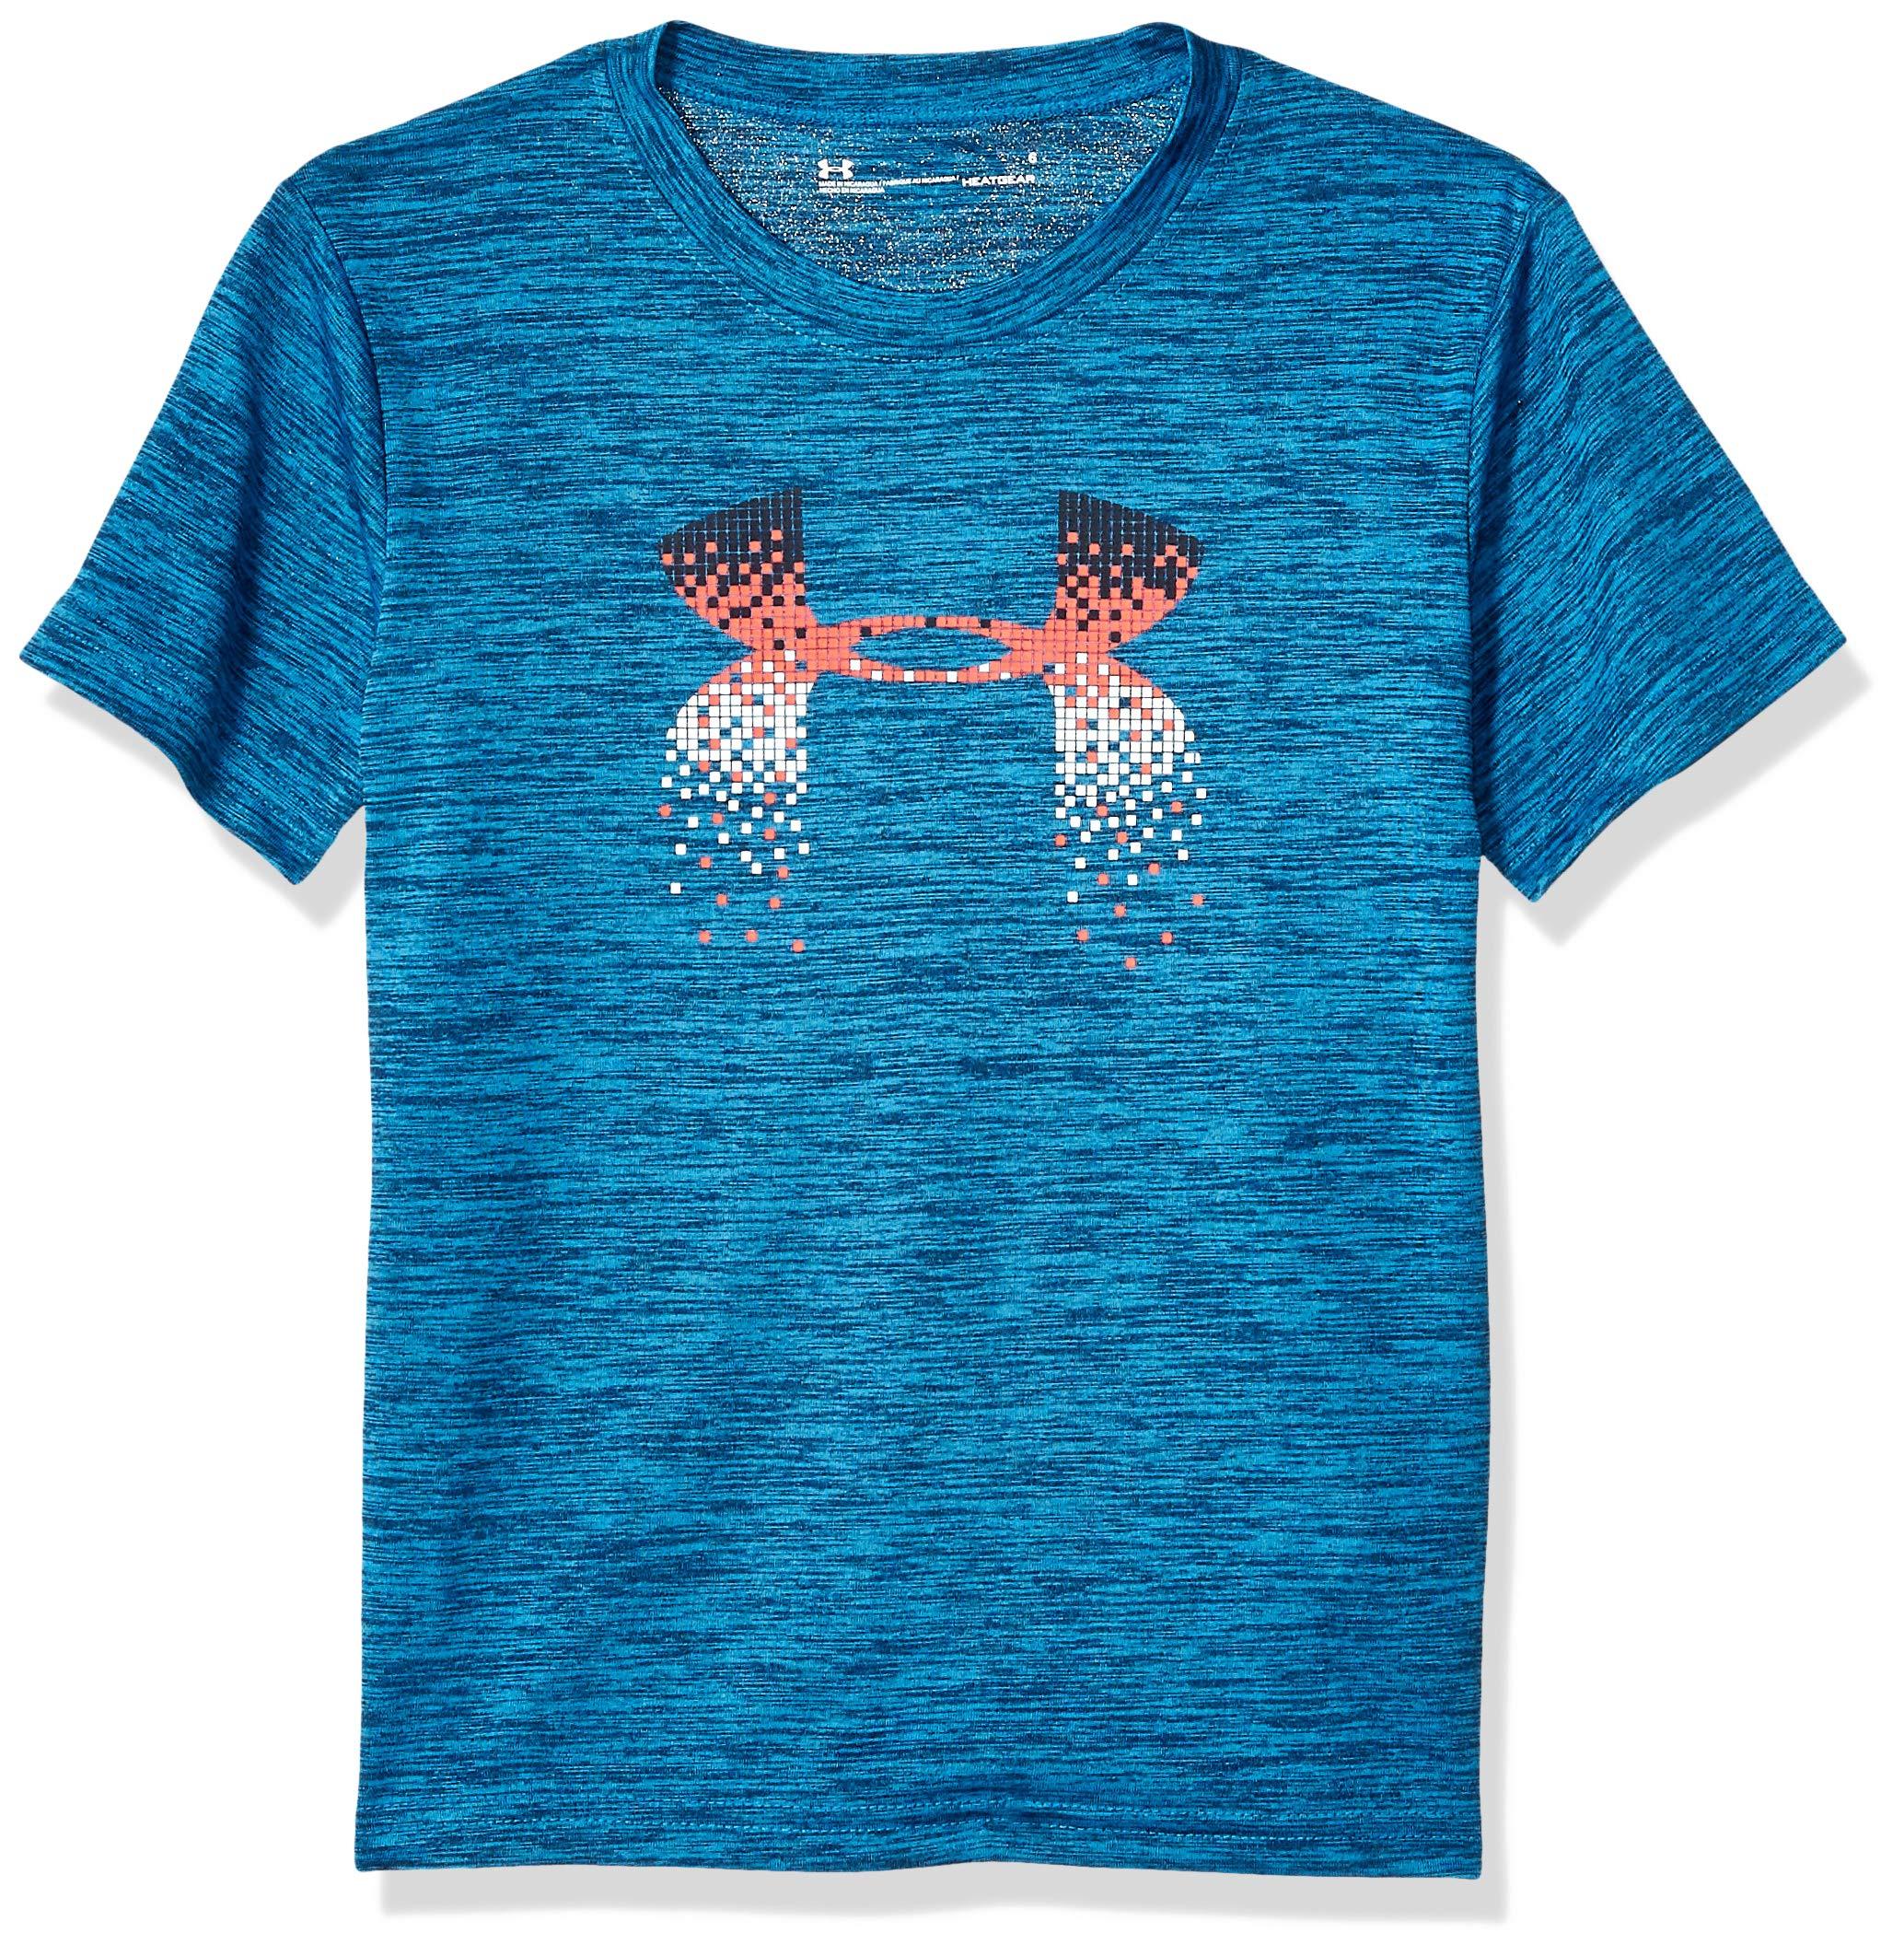 Under Armour Boys' Little Big Logo Short Sleeve Tee Shirt, Petrol Blue-S193, 7 by Under Armour